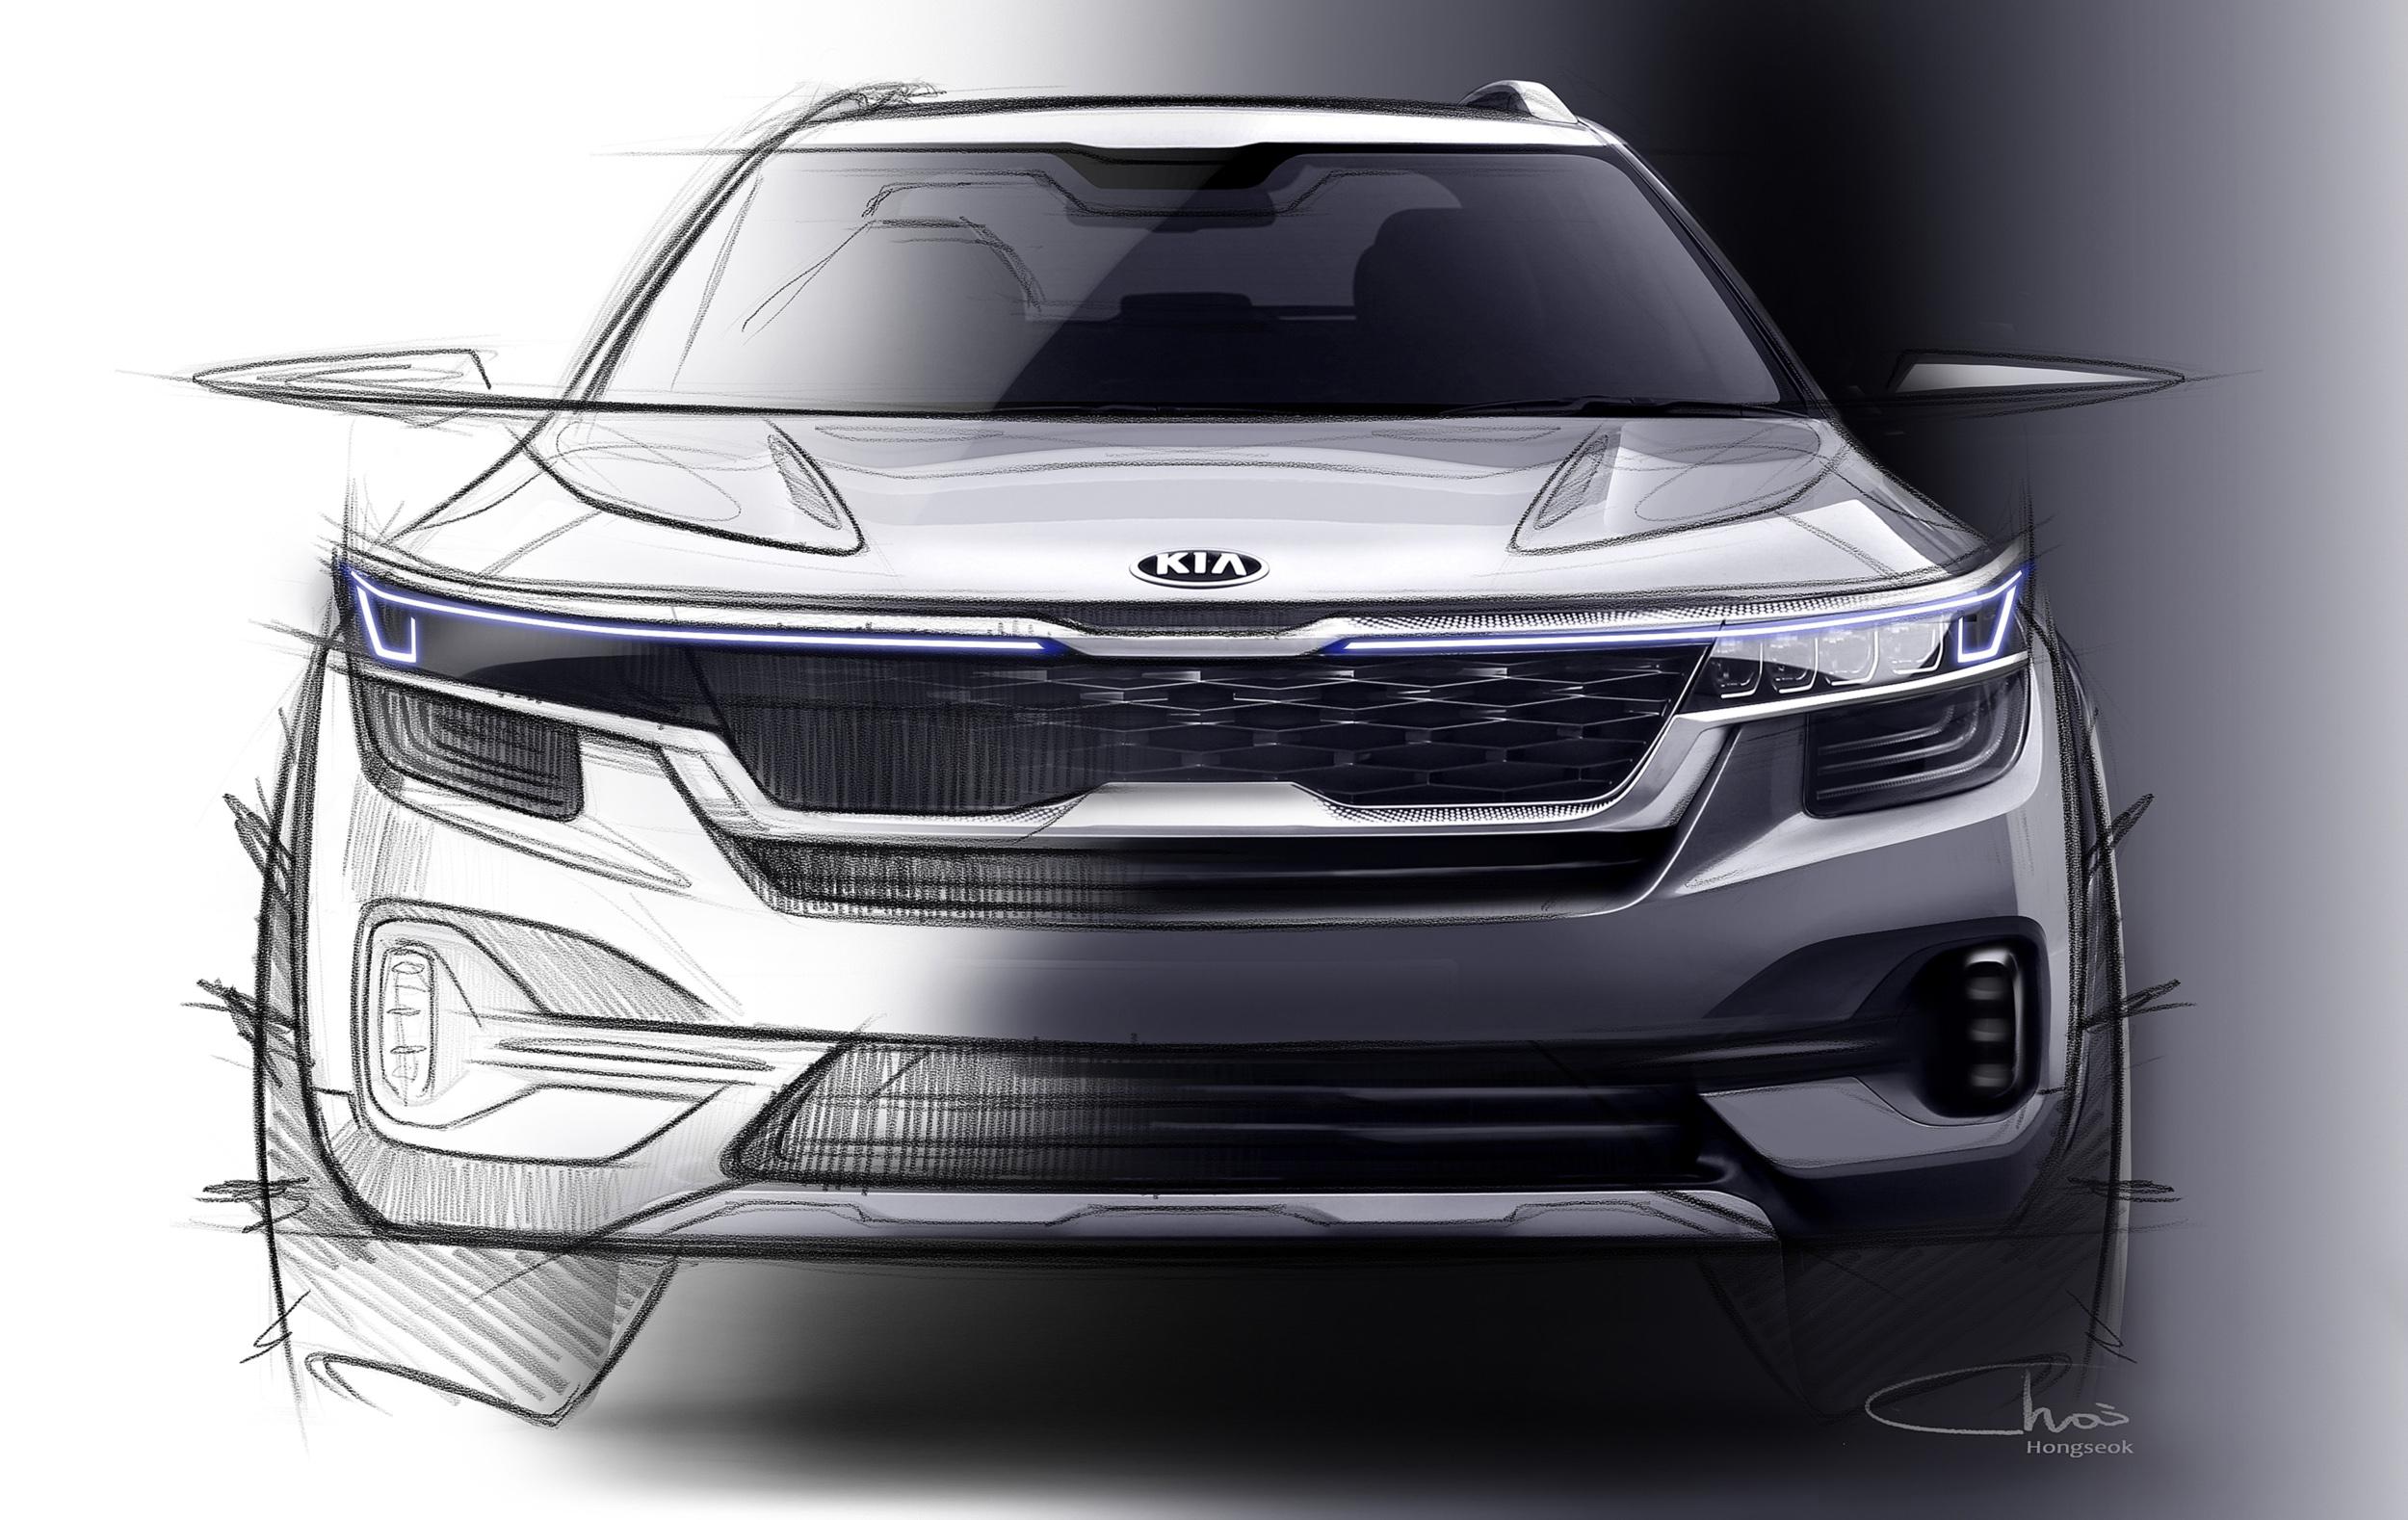 Primeiros esboços do primeiro utilitário compacto da Kia. Primeiro modelo da marca para o segmento é muito parecido com conceito SP Signature e será um lançamento global